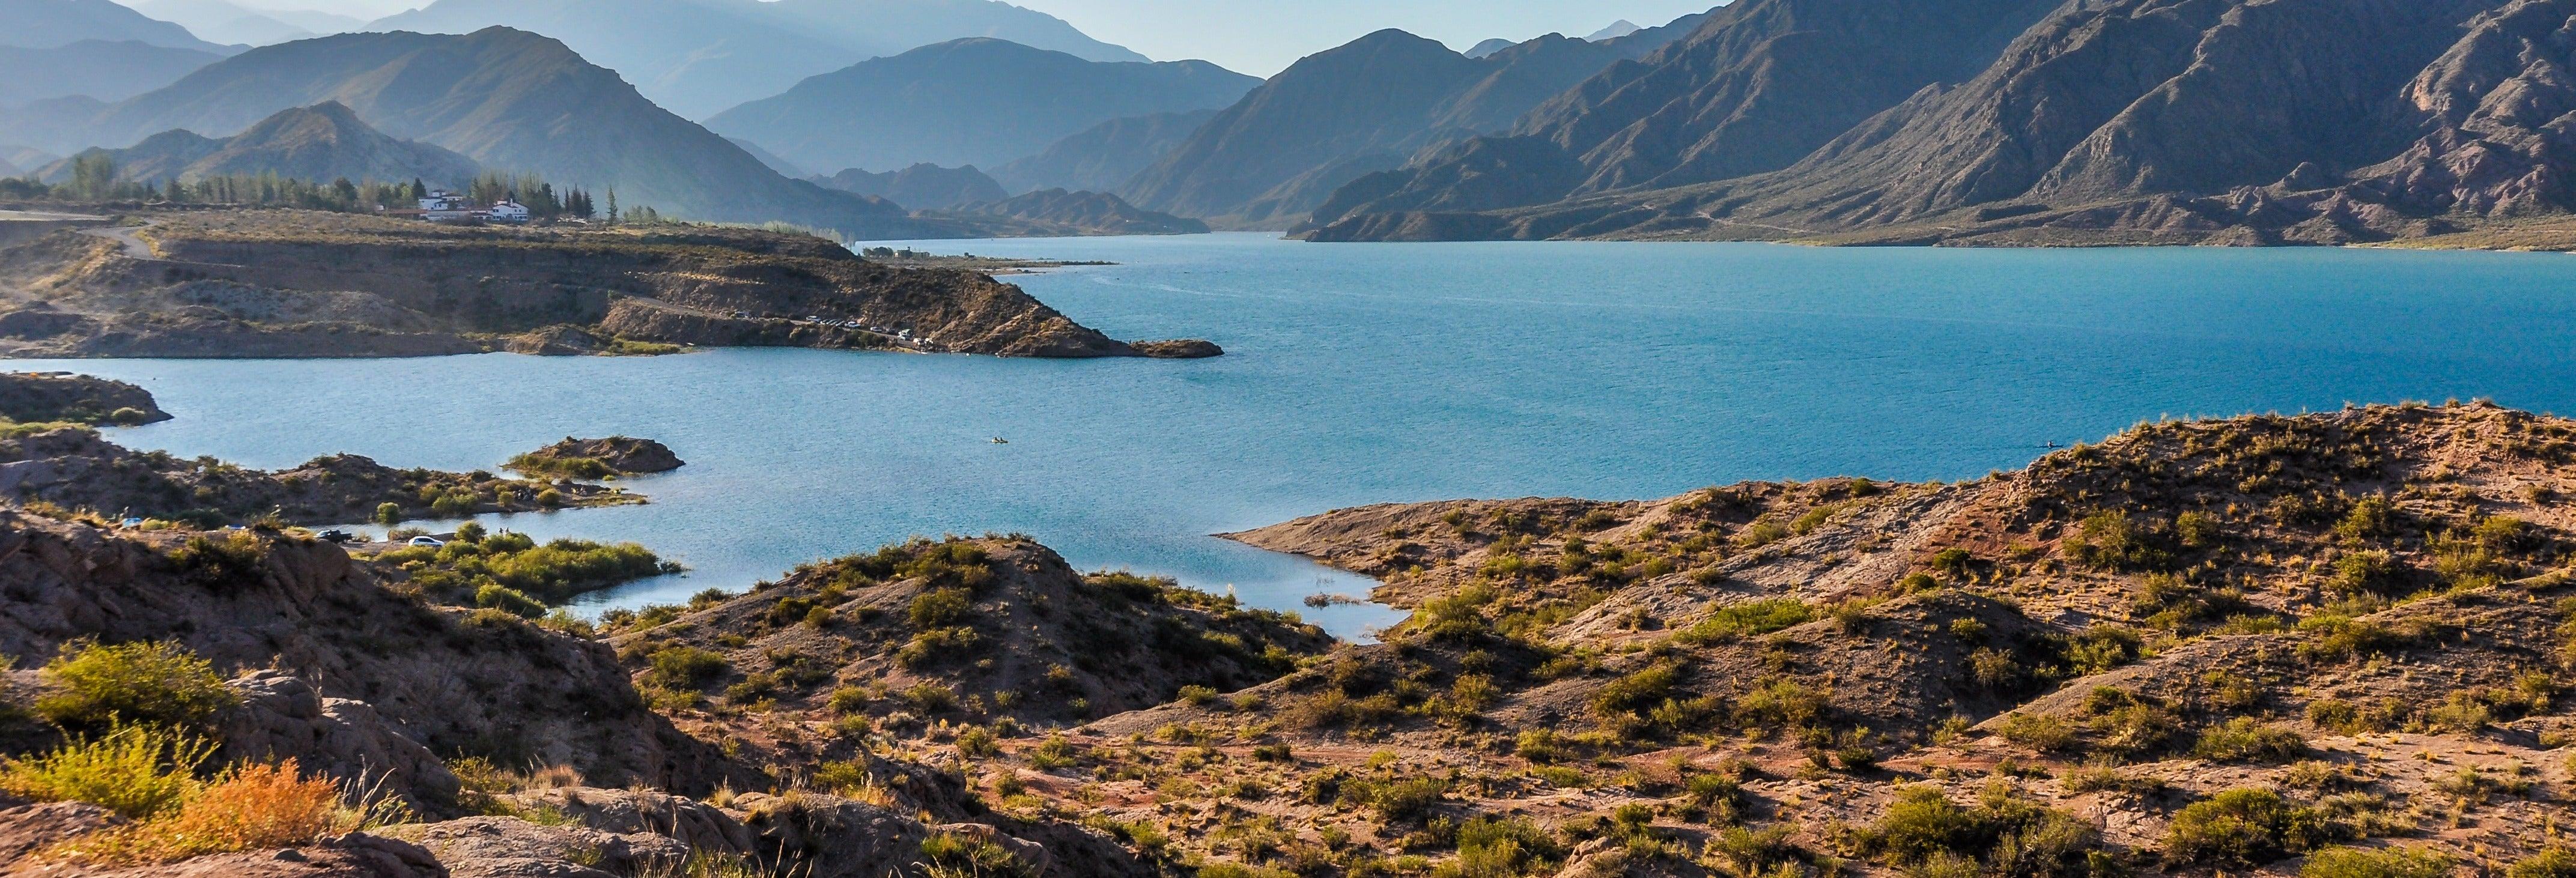 Excursão a Potrerillos e Cacheuta